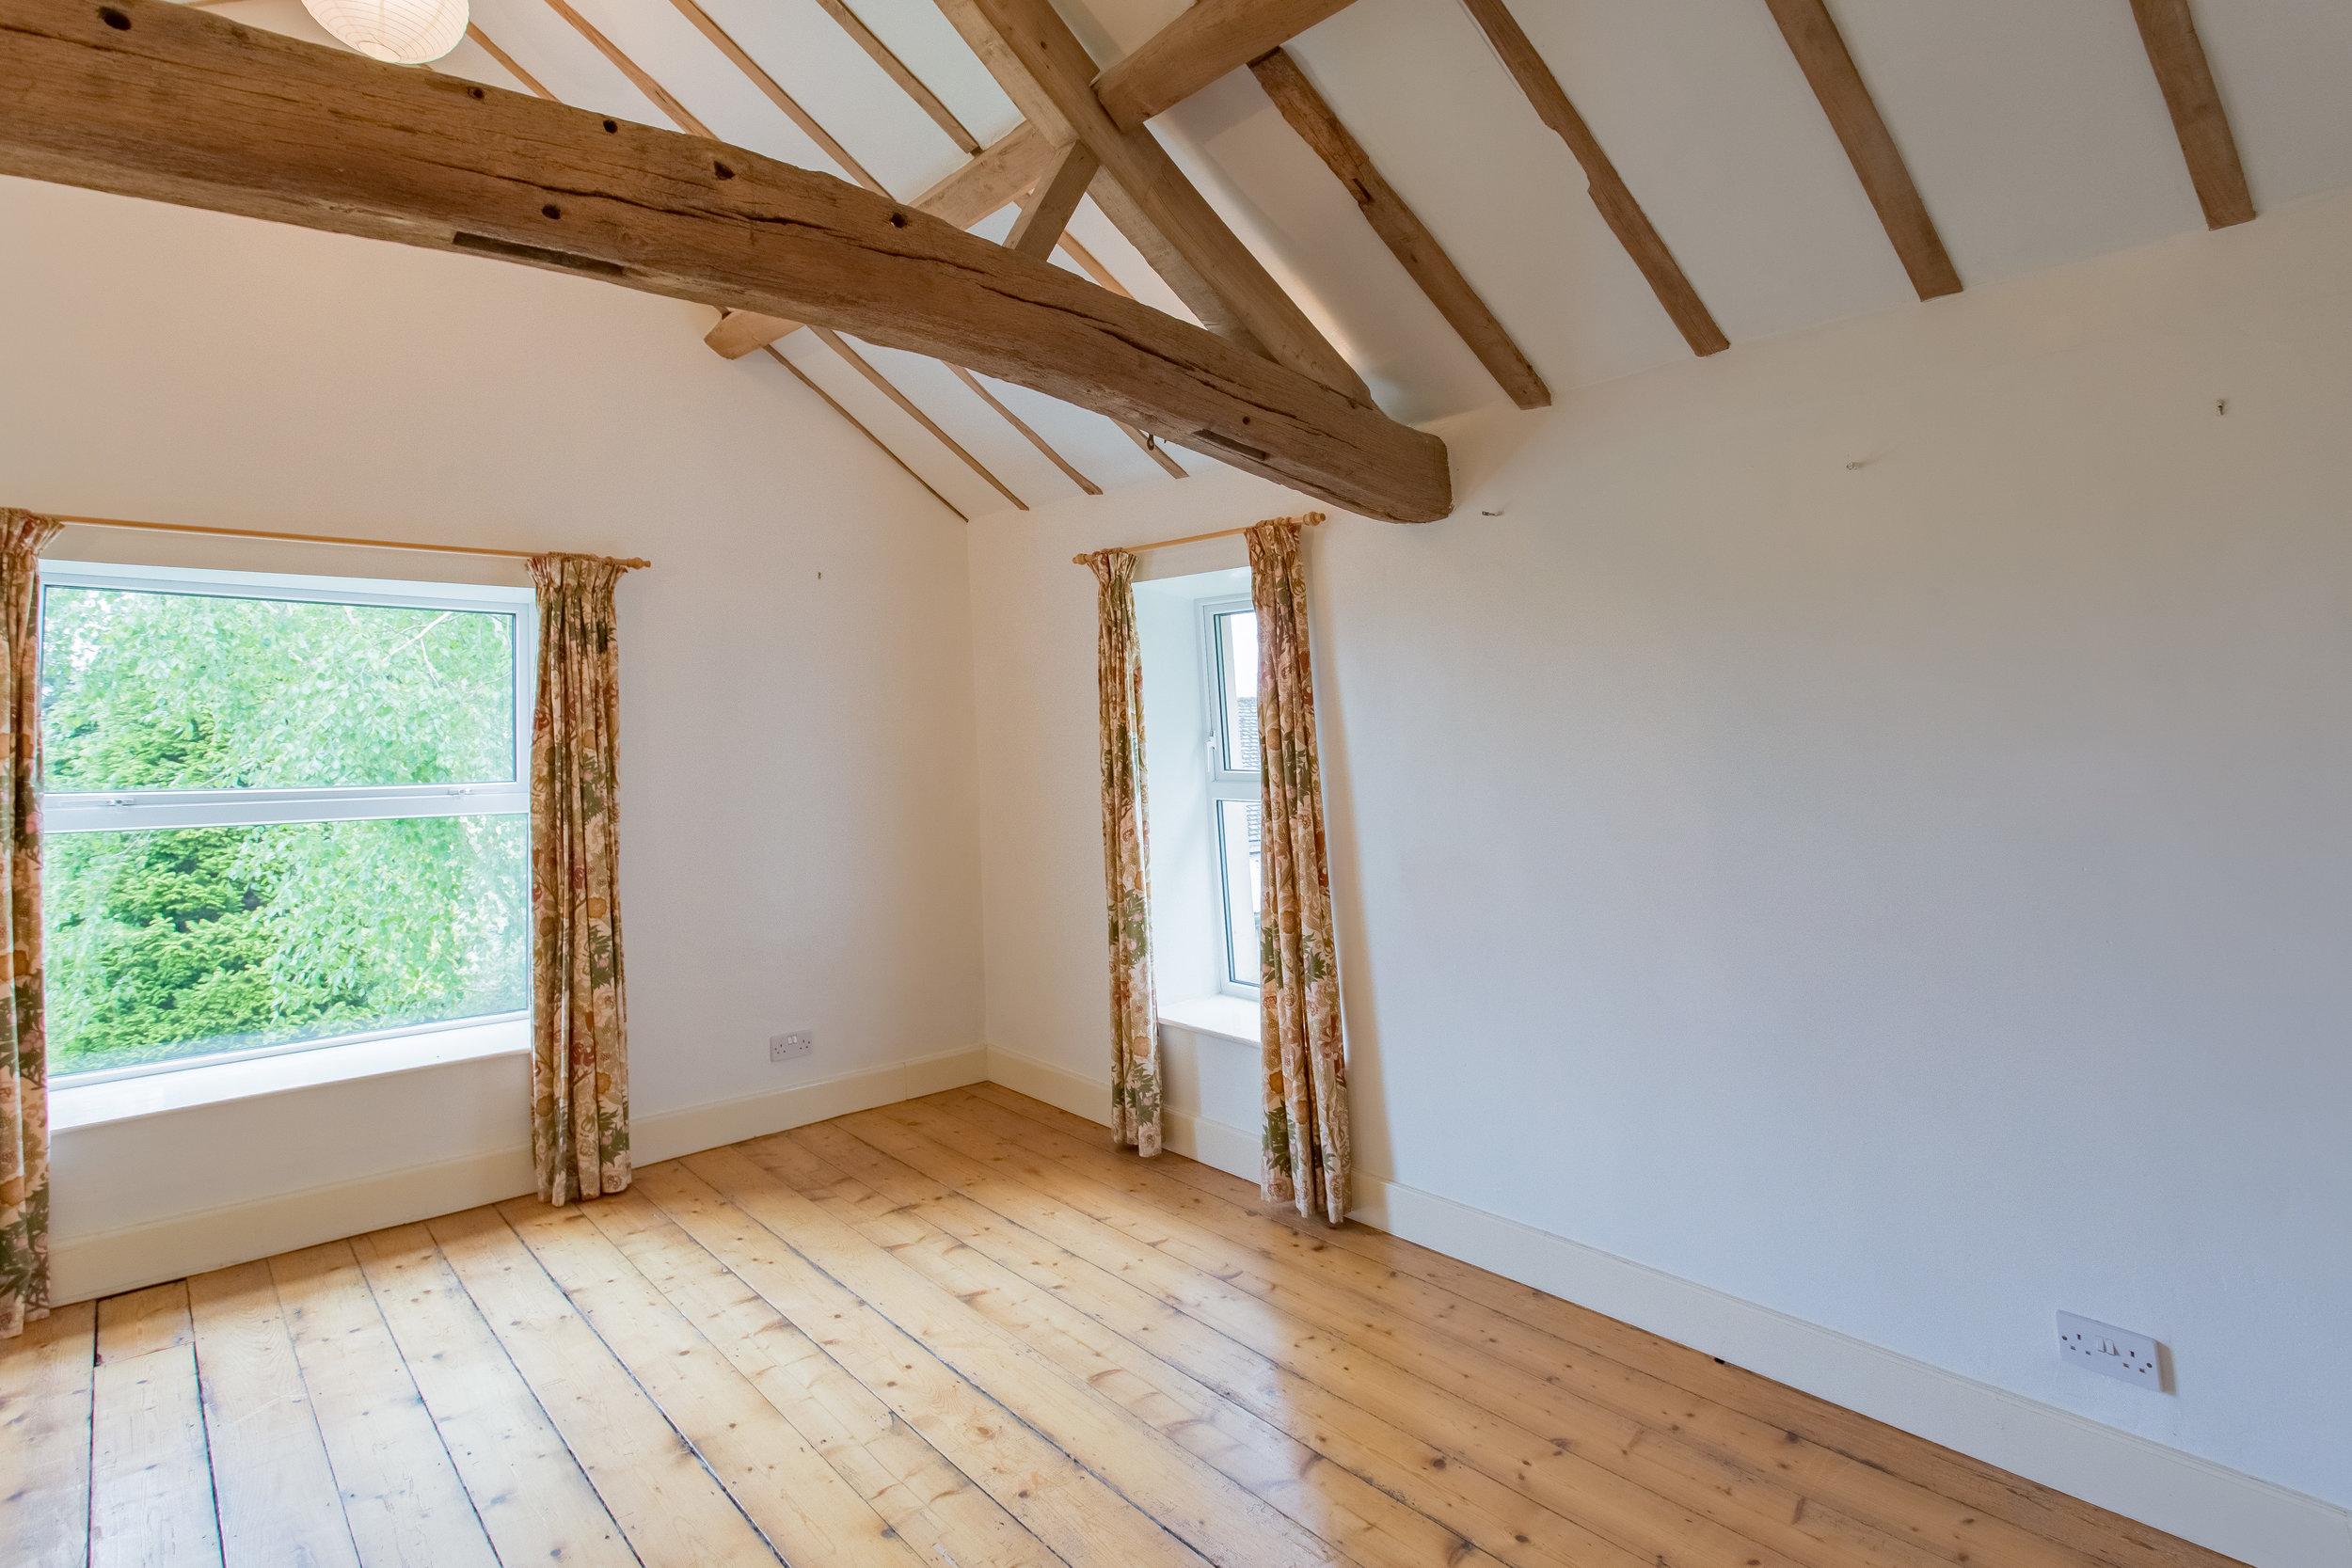 Master Bedroom Before 6.jpg